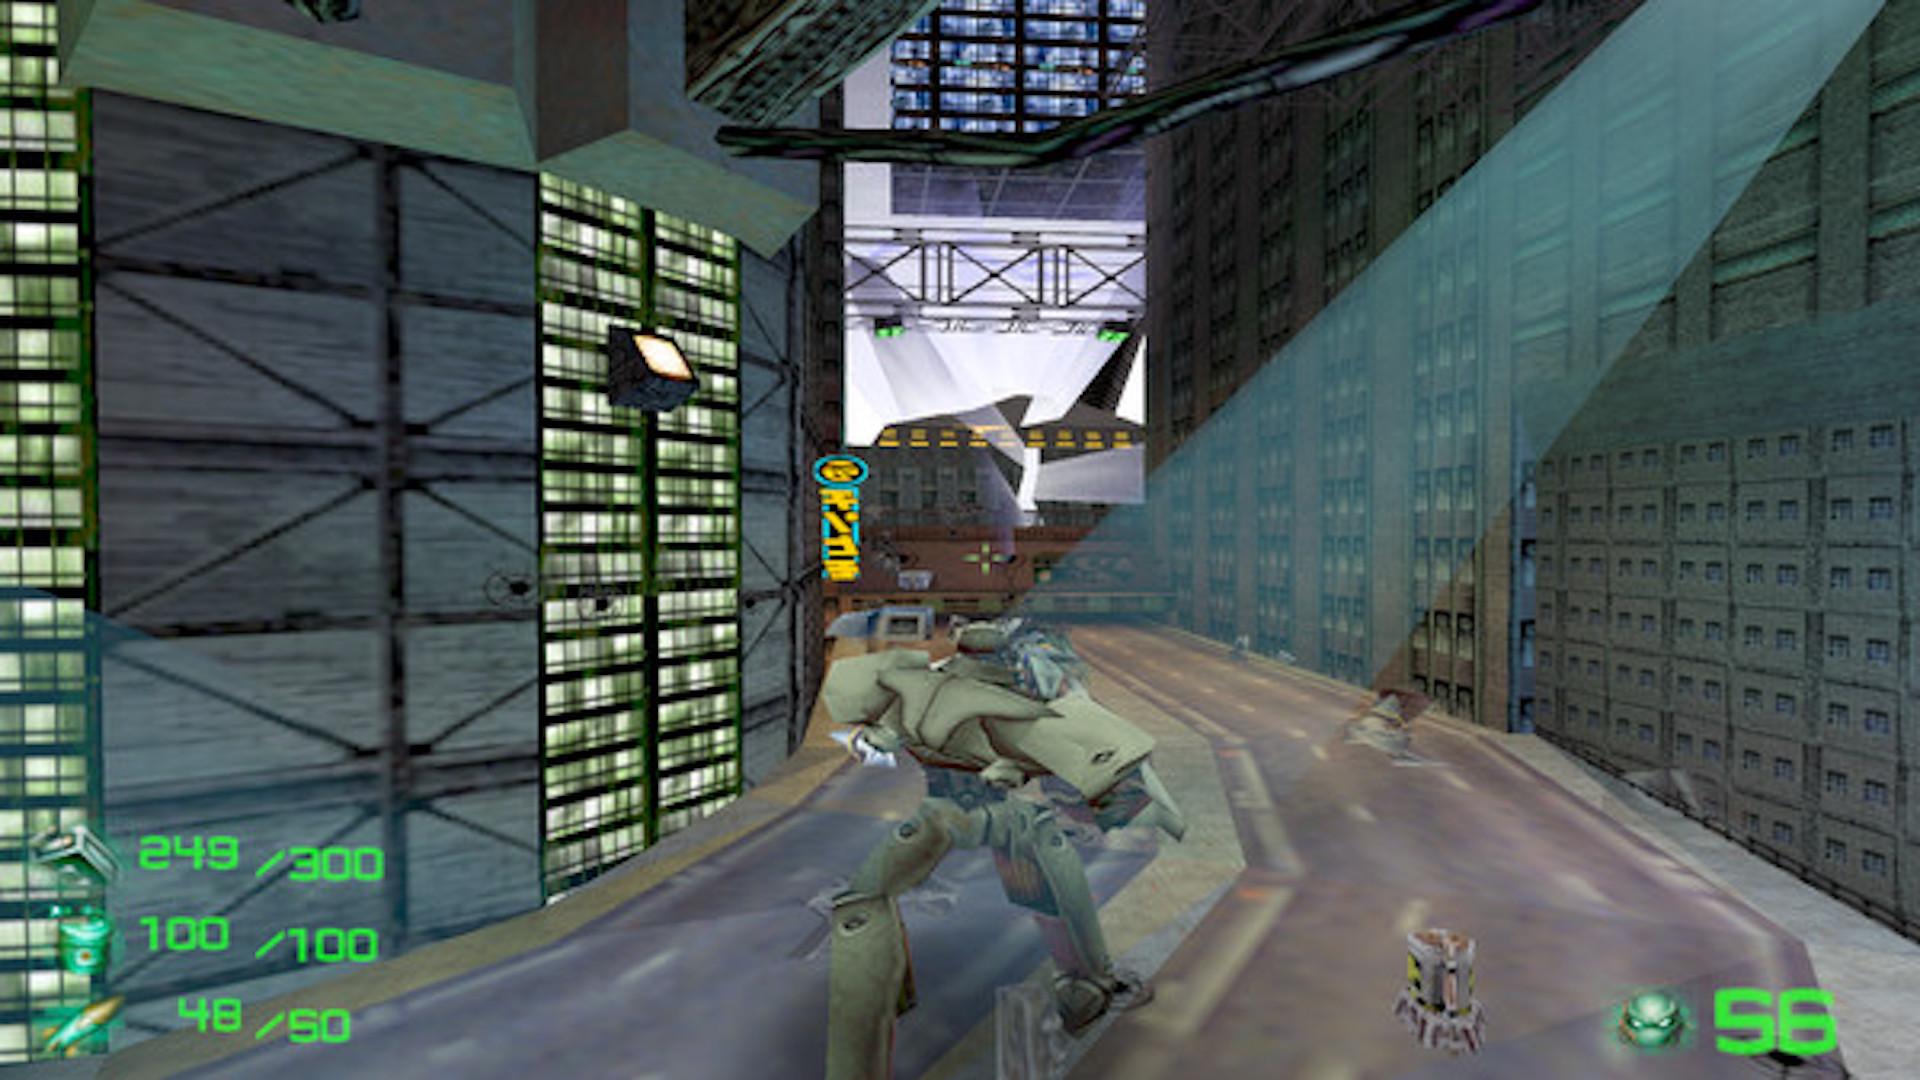 Ziggurat Interactive Slave Zero Robot